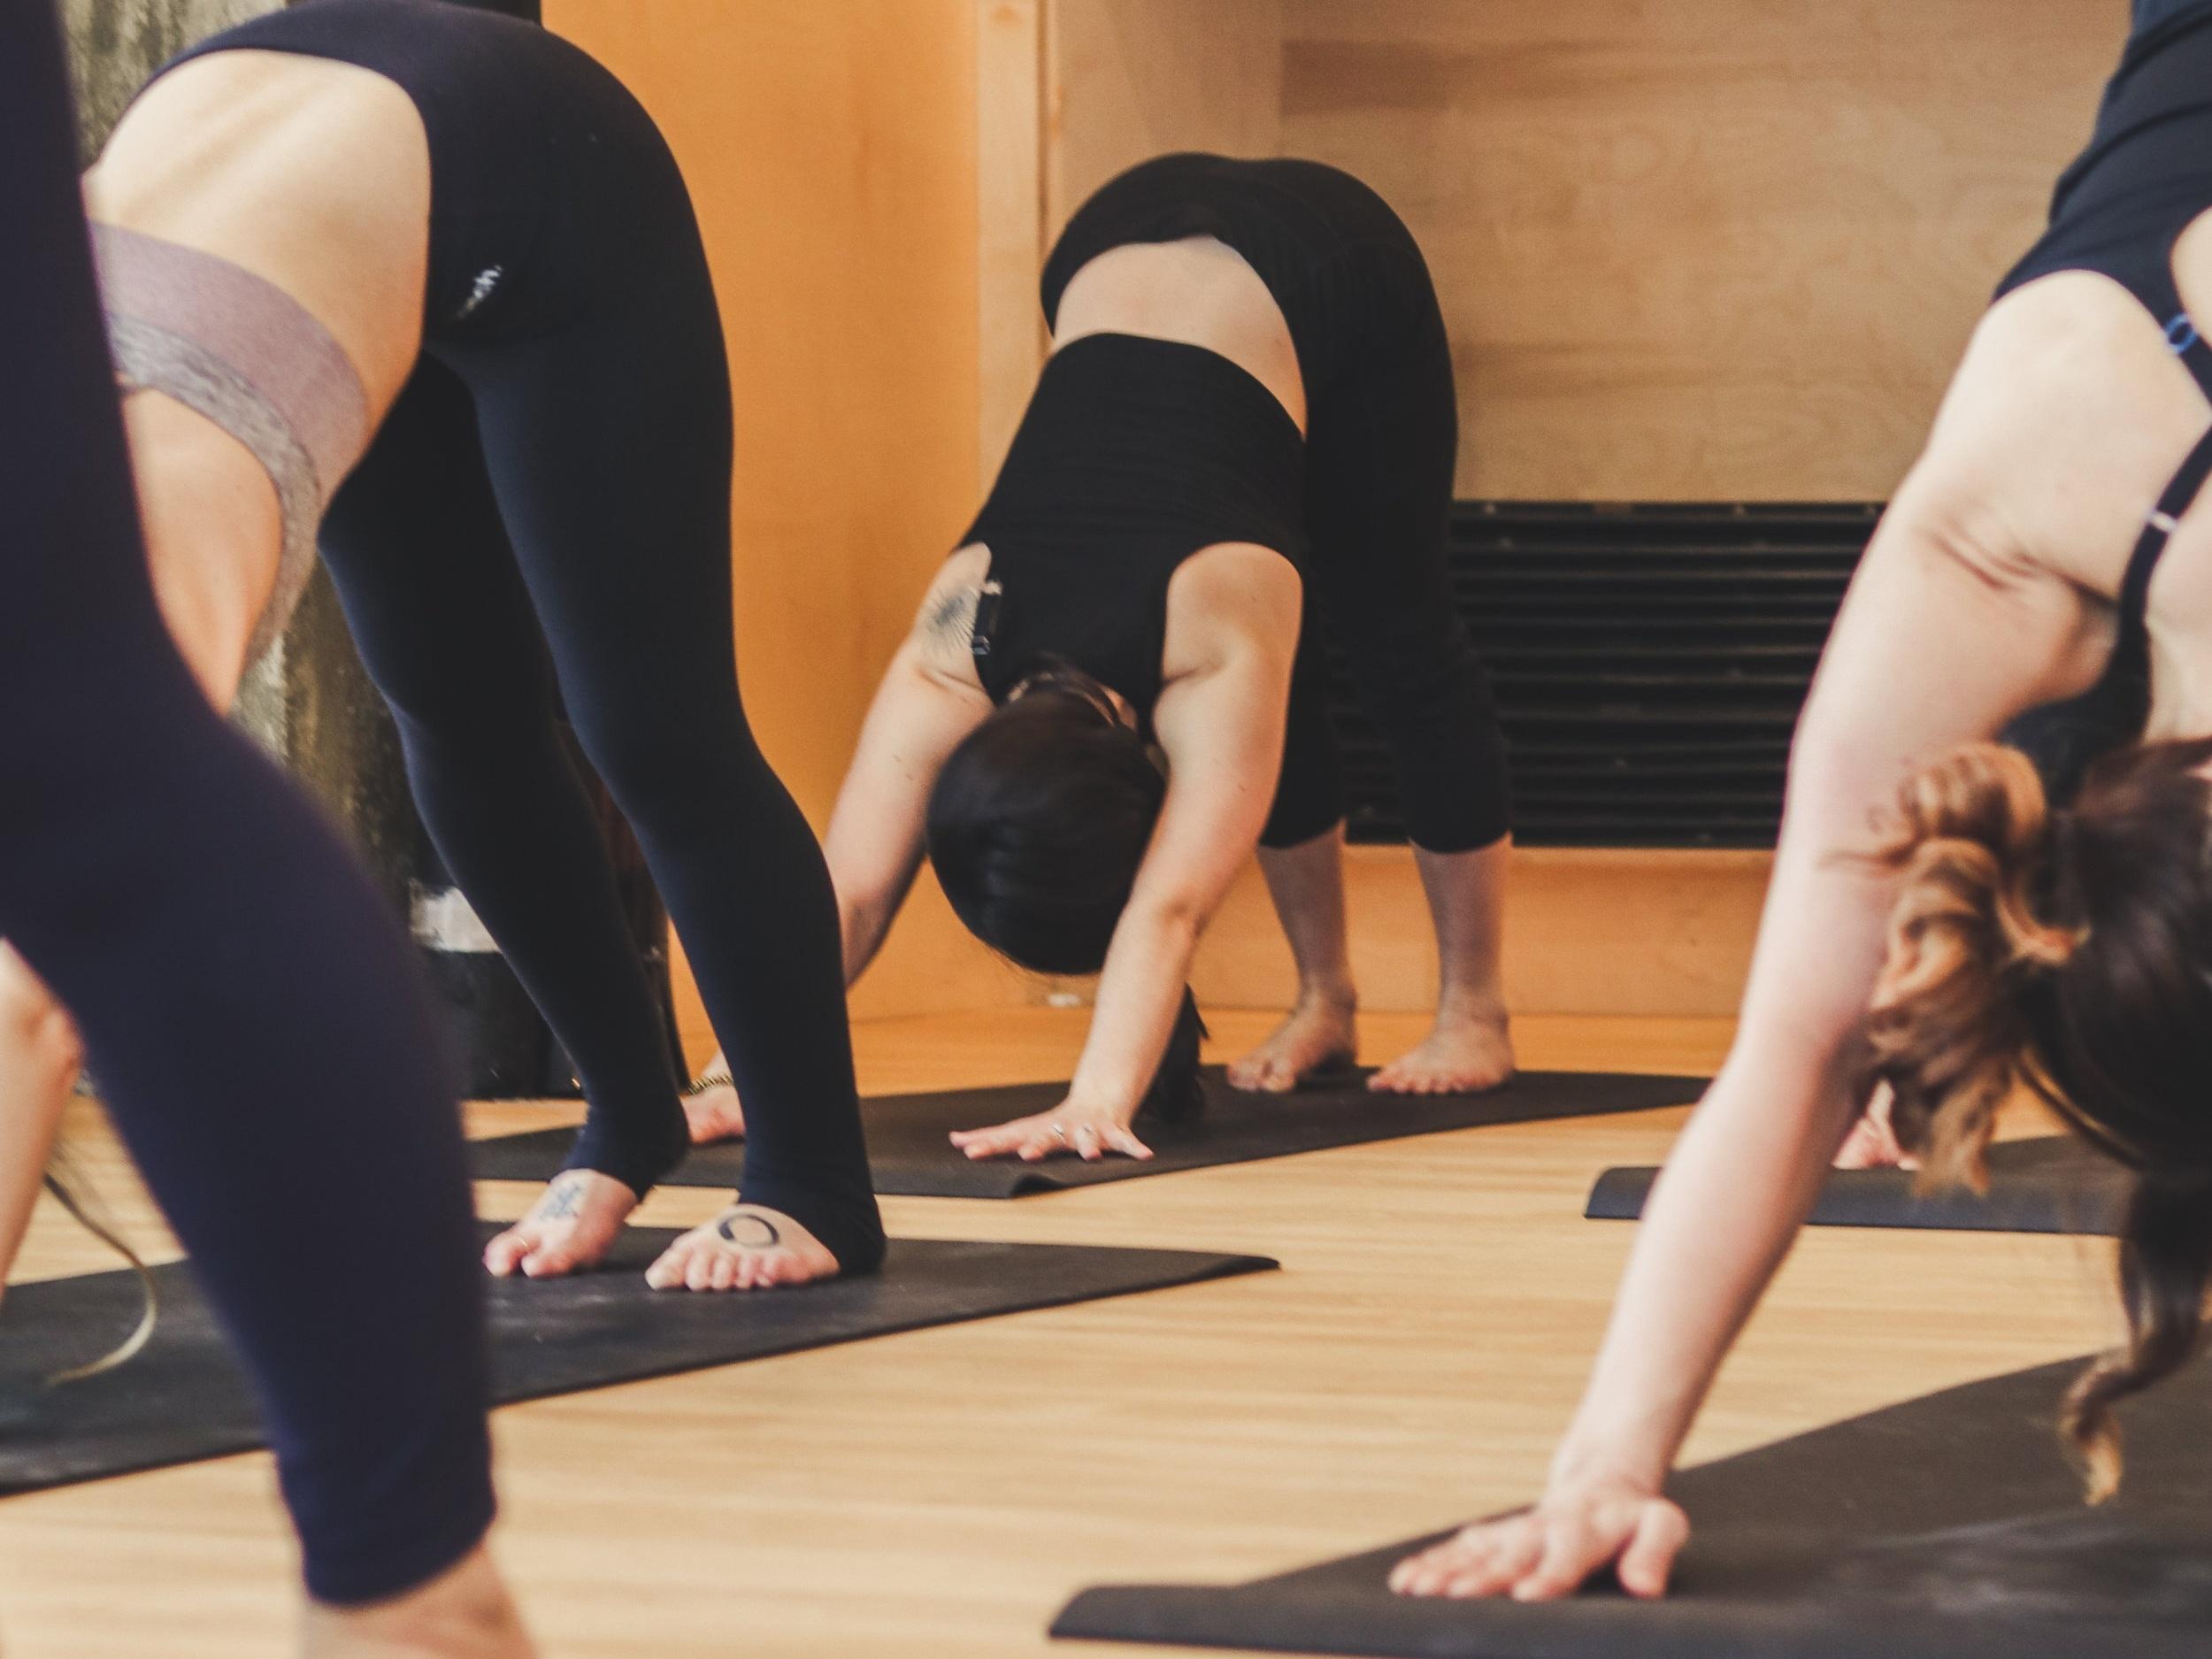 FLOW FONDATIONS - Cette pratique est significative car elle met l'emphase sur l'importance de bâtir une bonne base solide pour chaque posture. La concentration sera sur la respiration pendant que vous accumulez de la chaleur, pour équilibrer votre effort avec facilité et développer davantage l'équanimité.